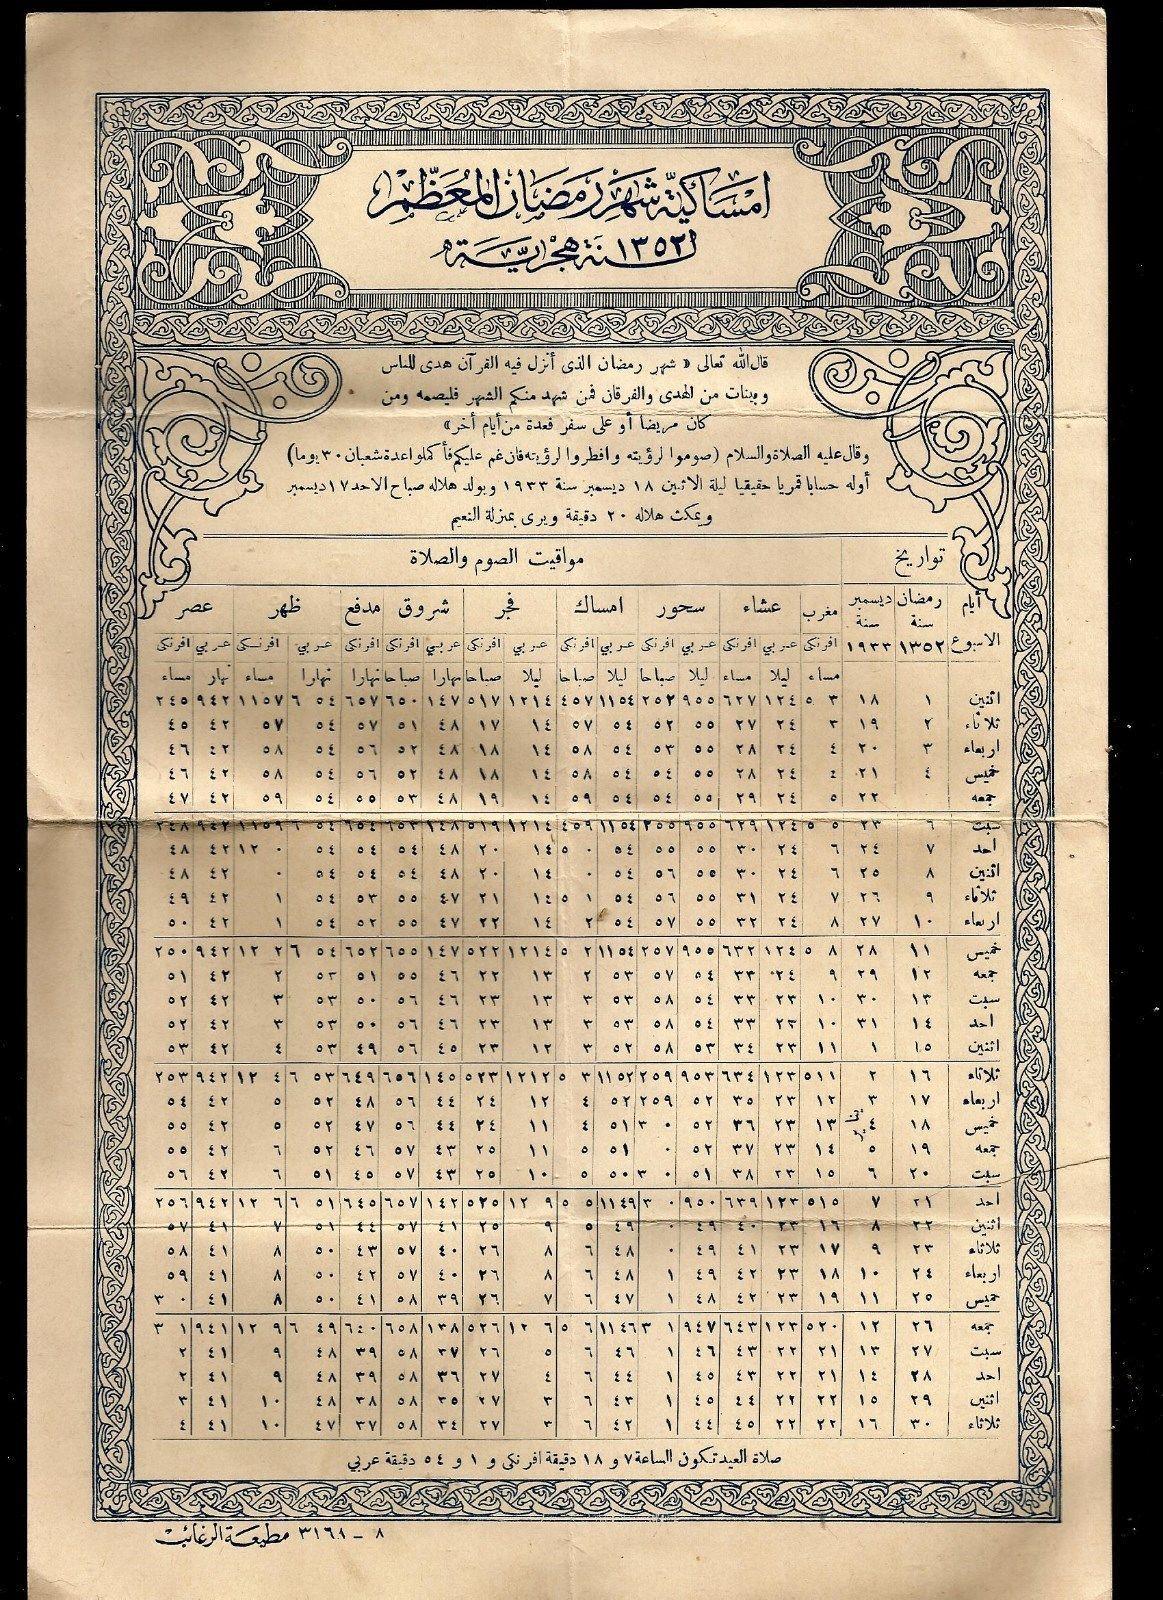 امساكية شهر رمضان عام ١٩٣٣م Old Egypt History Pictures Egypt